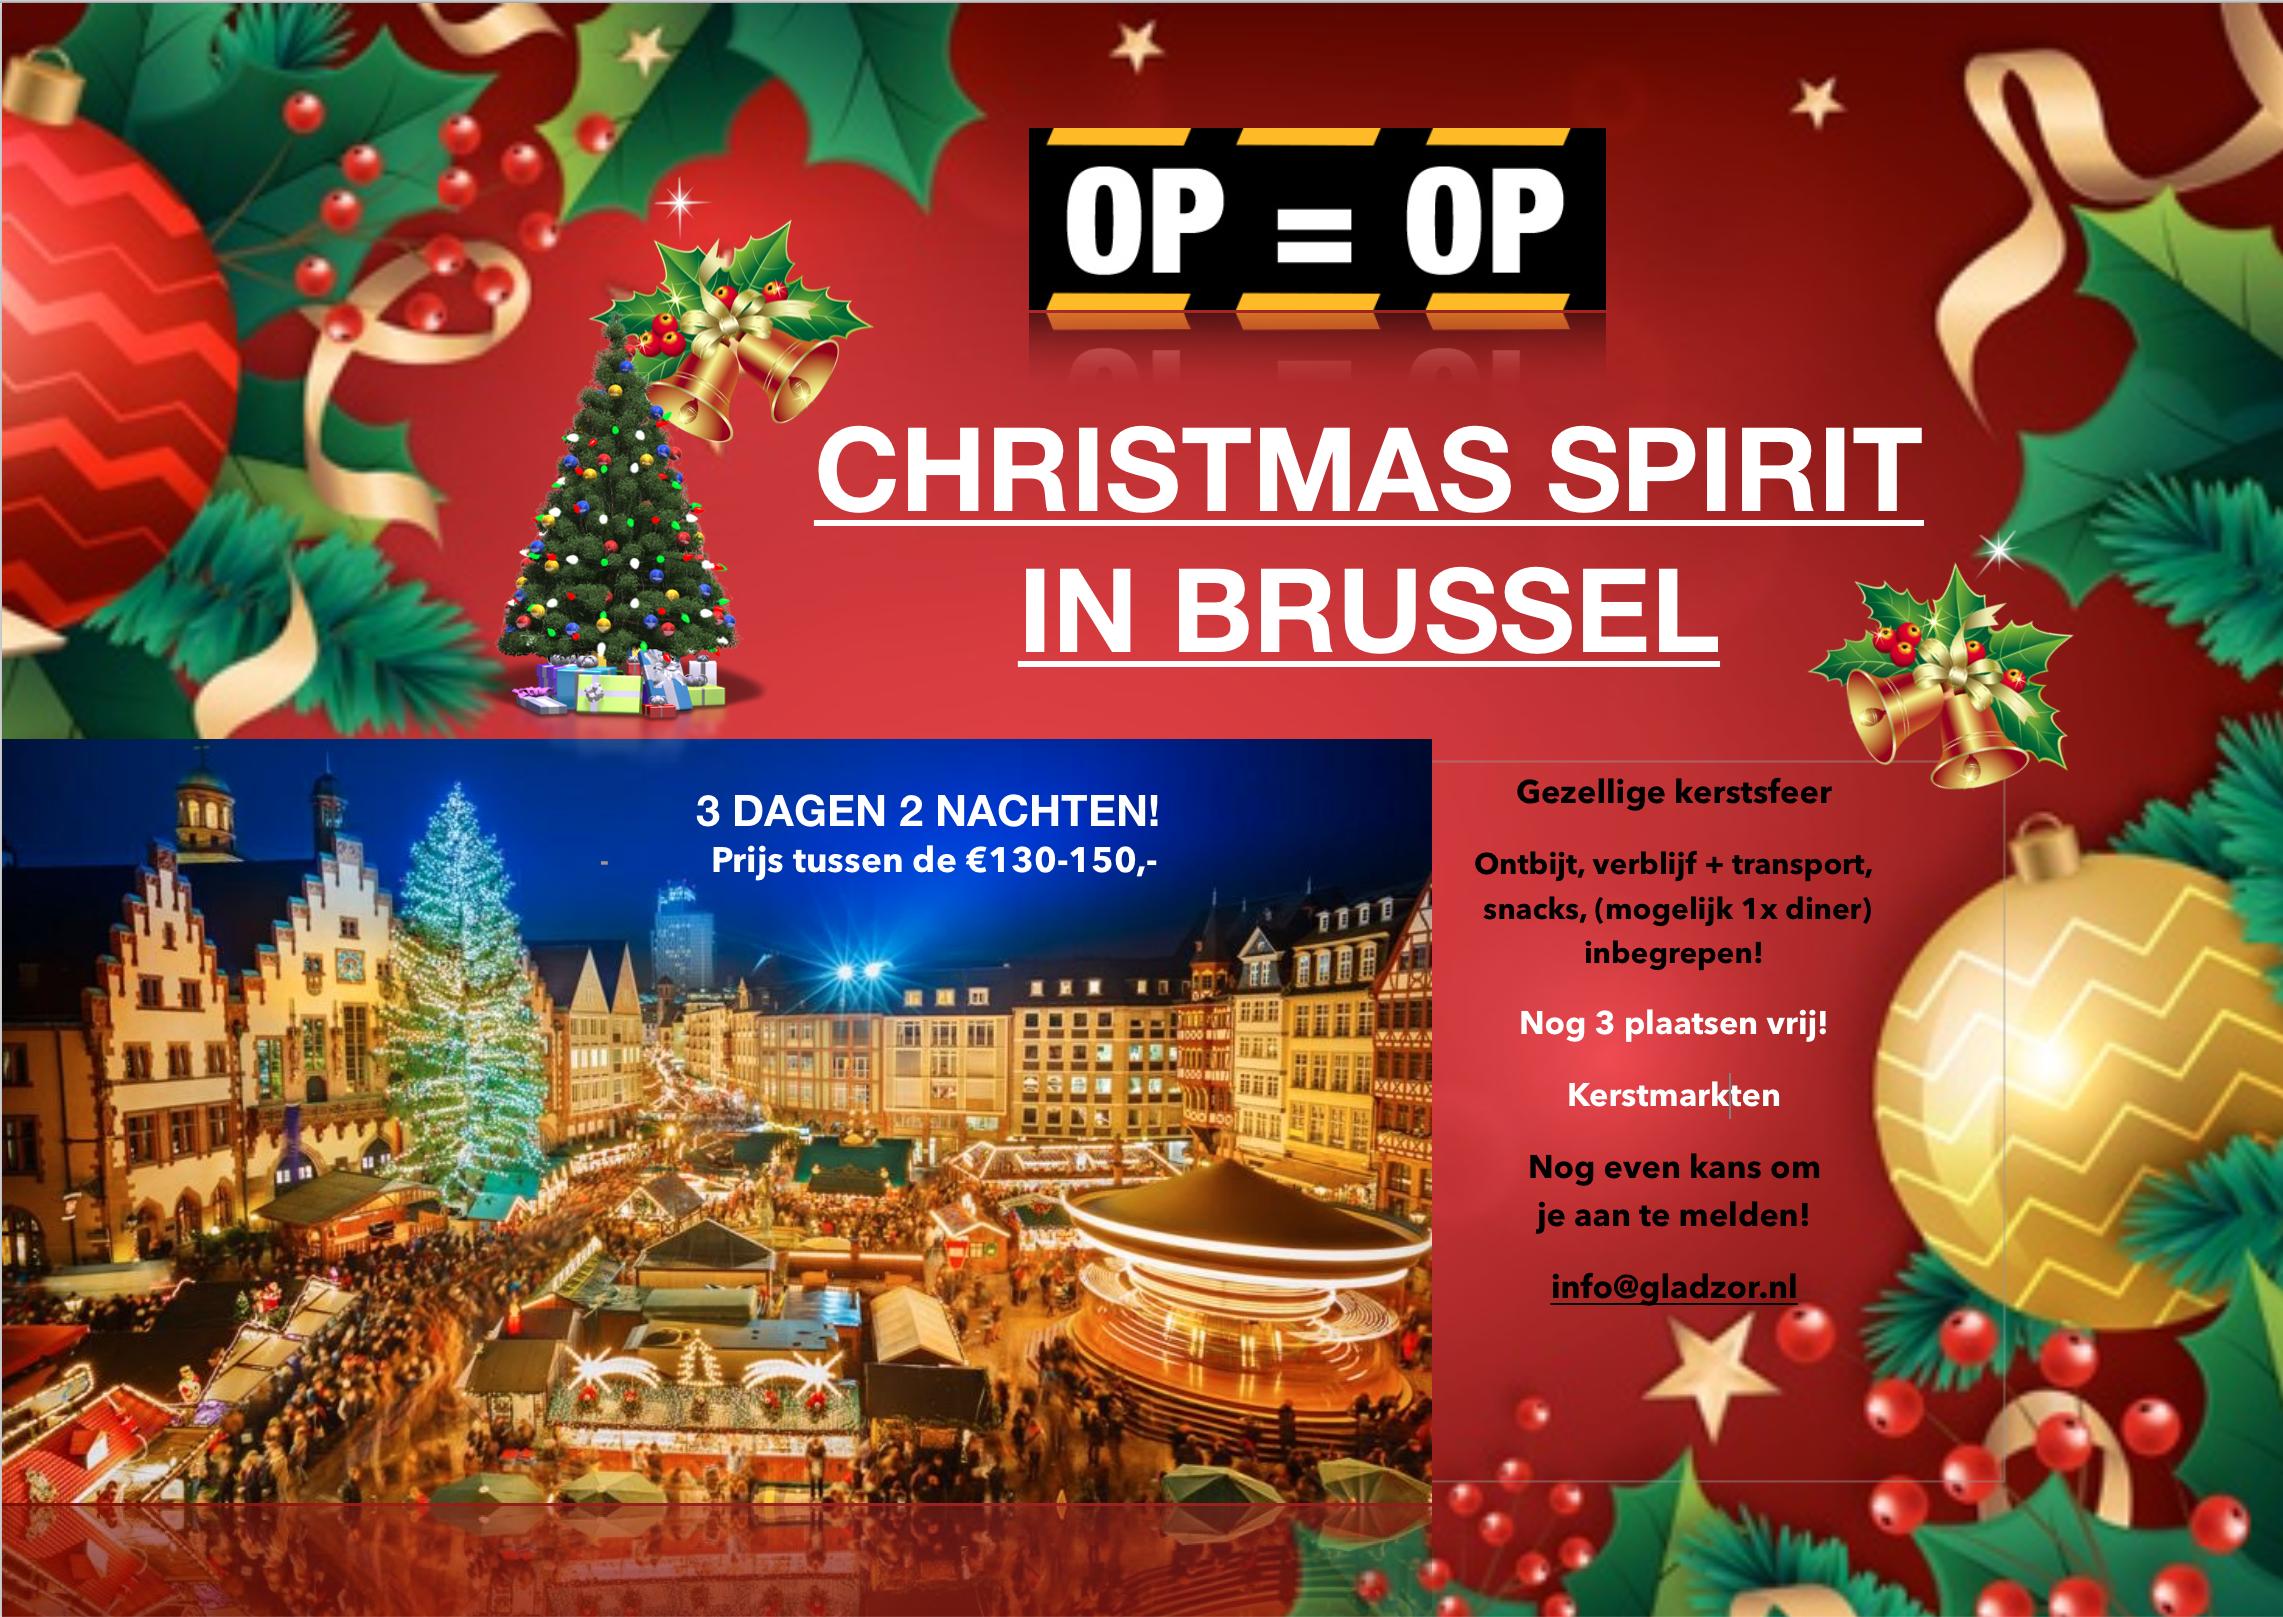 Christmas Spirit In Brussel!